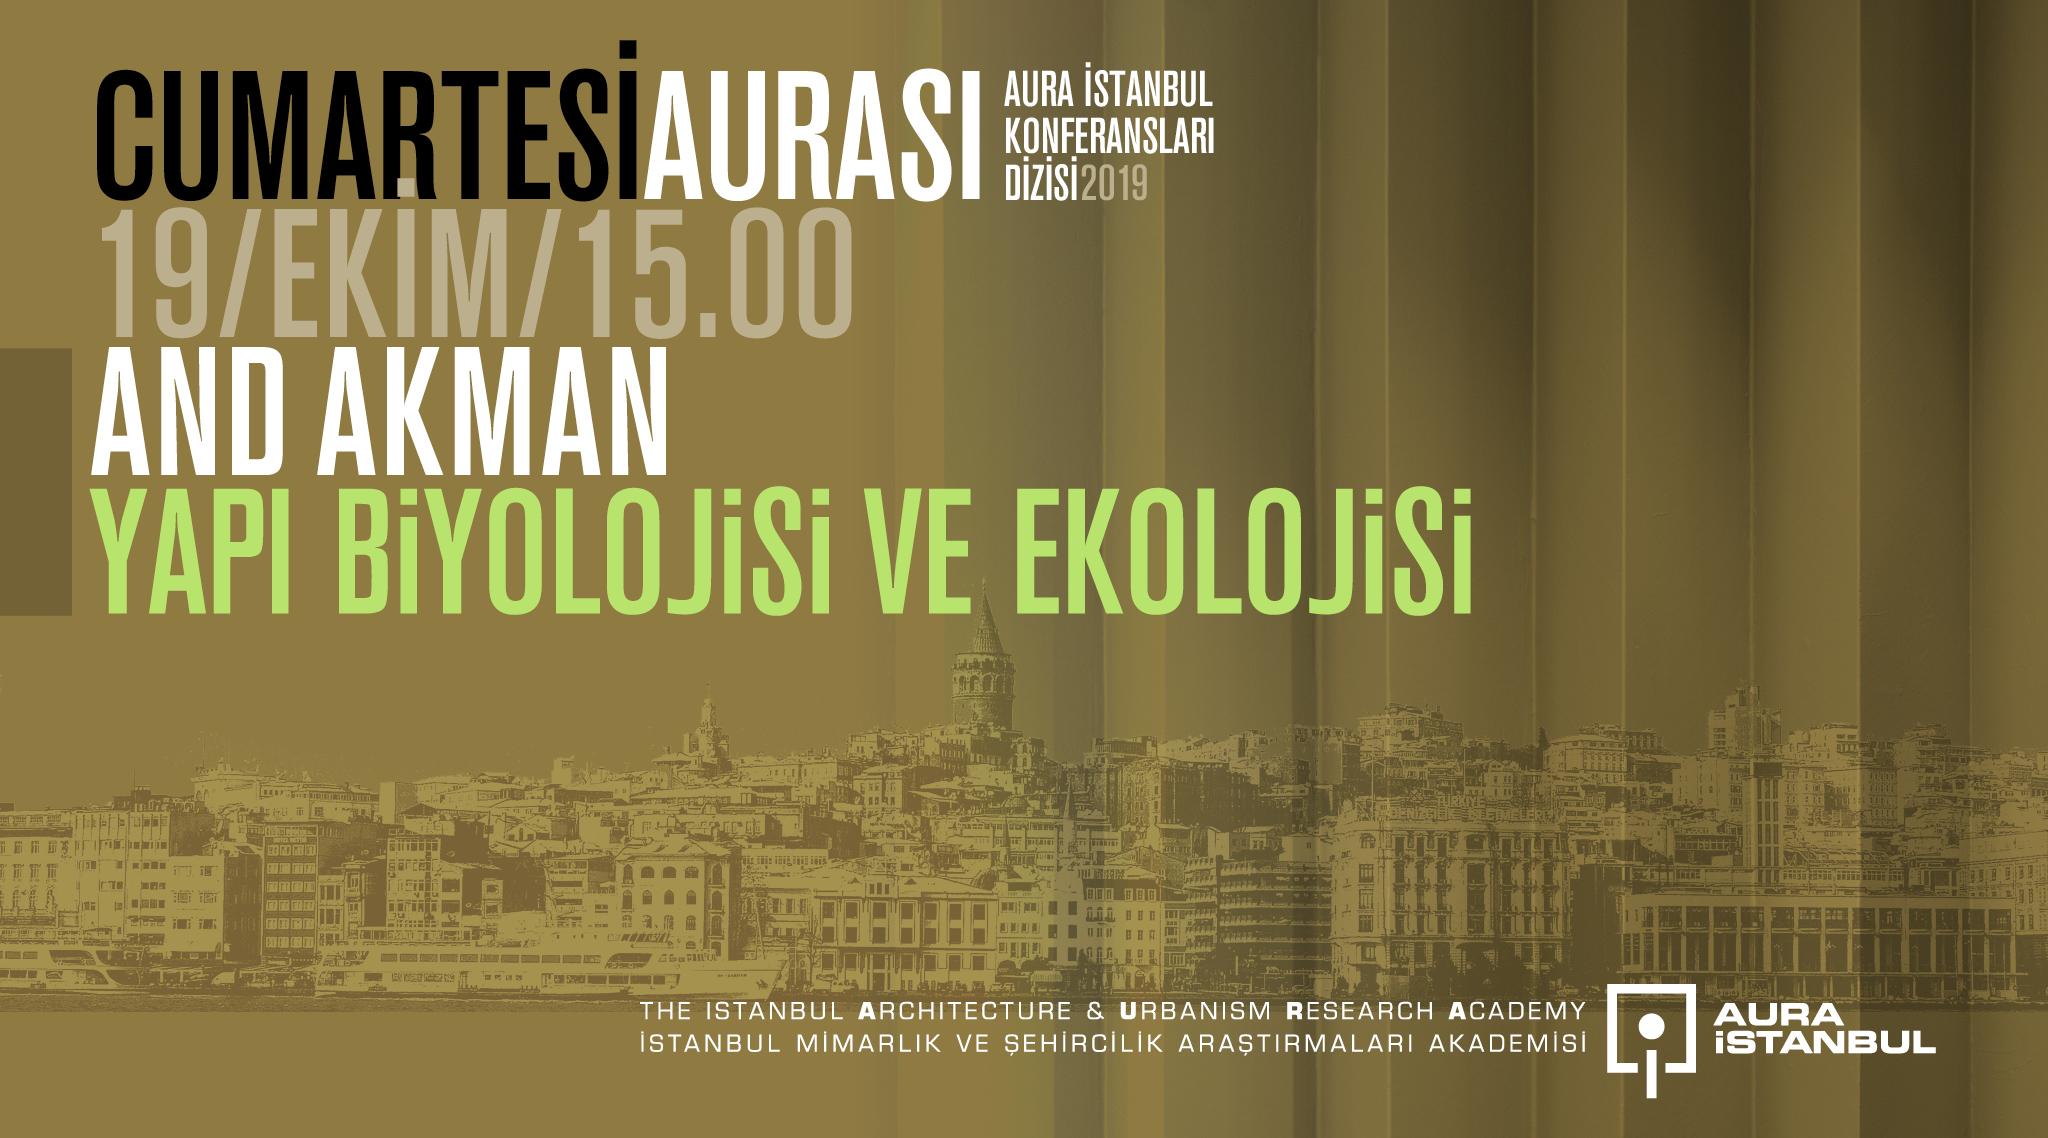 """Cumartesi Aurası: And Akman """"Yapı Biyolojisi ve Ekolojisi"""""""